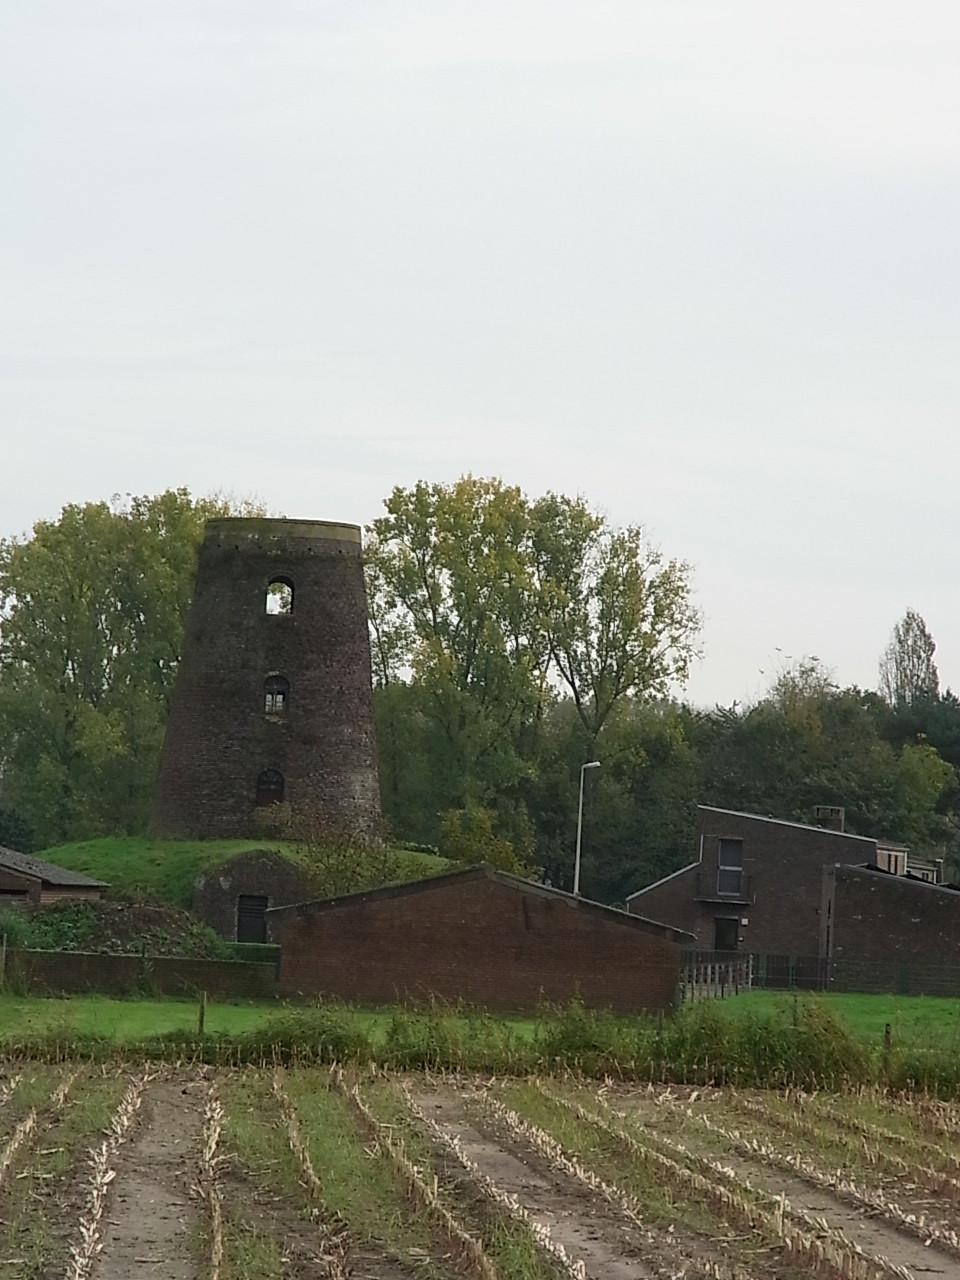 Verlassene Mühle bei Dilsen/Stokkem